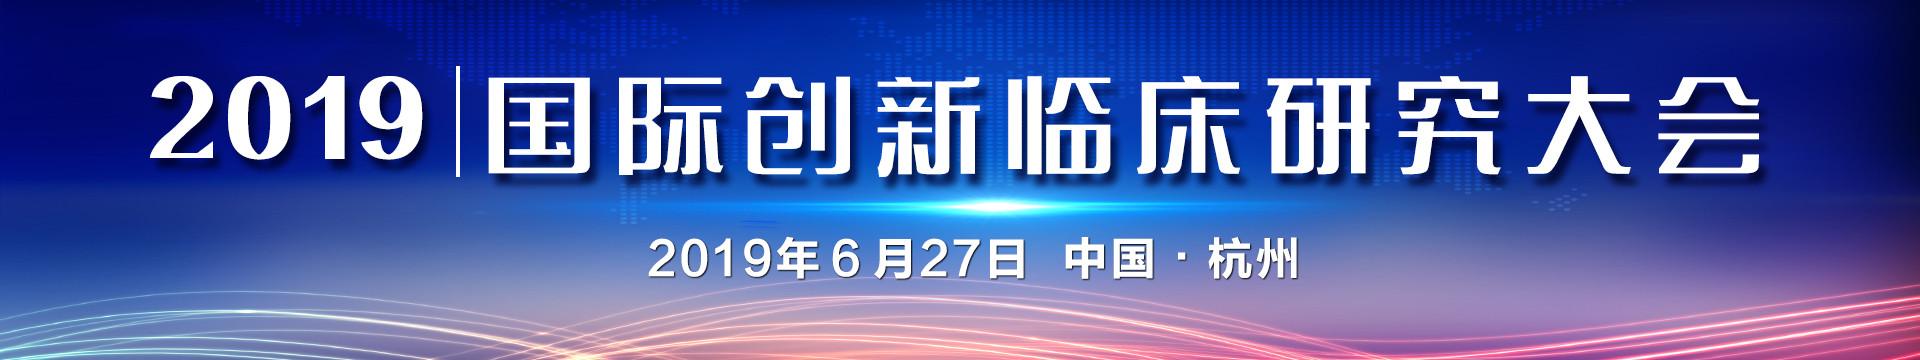 2019国际创新临床研究大会(杭州)